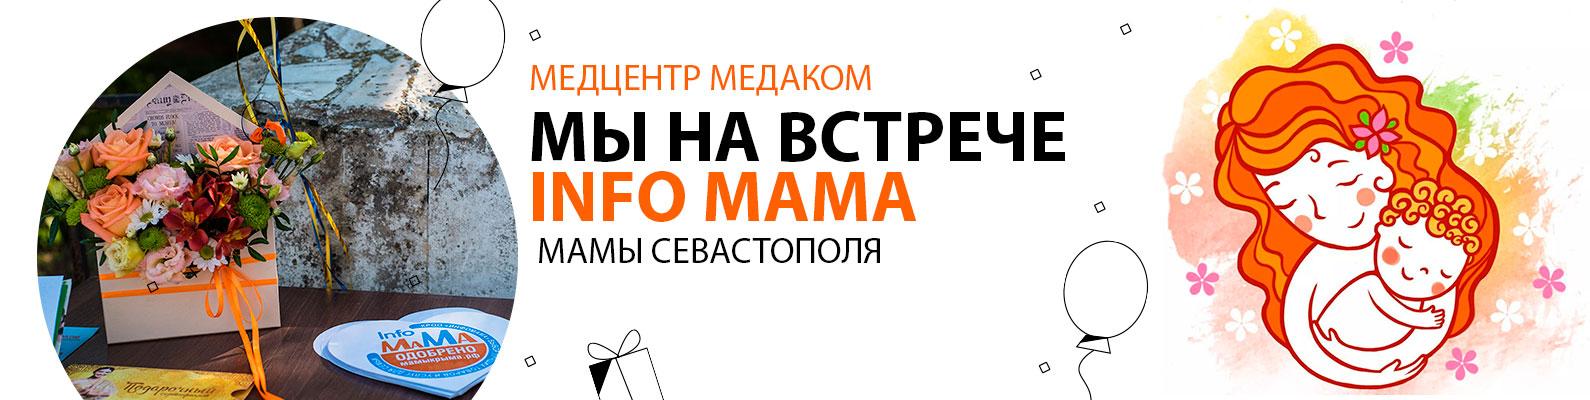 Встреча ИнфоМама в Севастополе